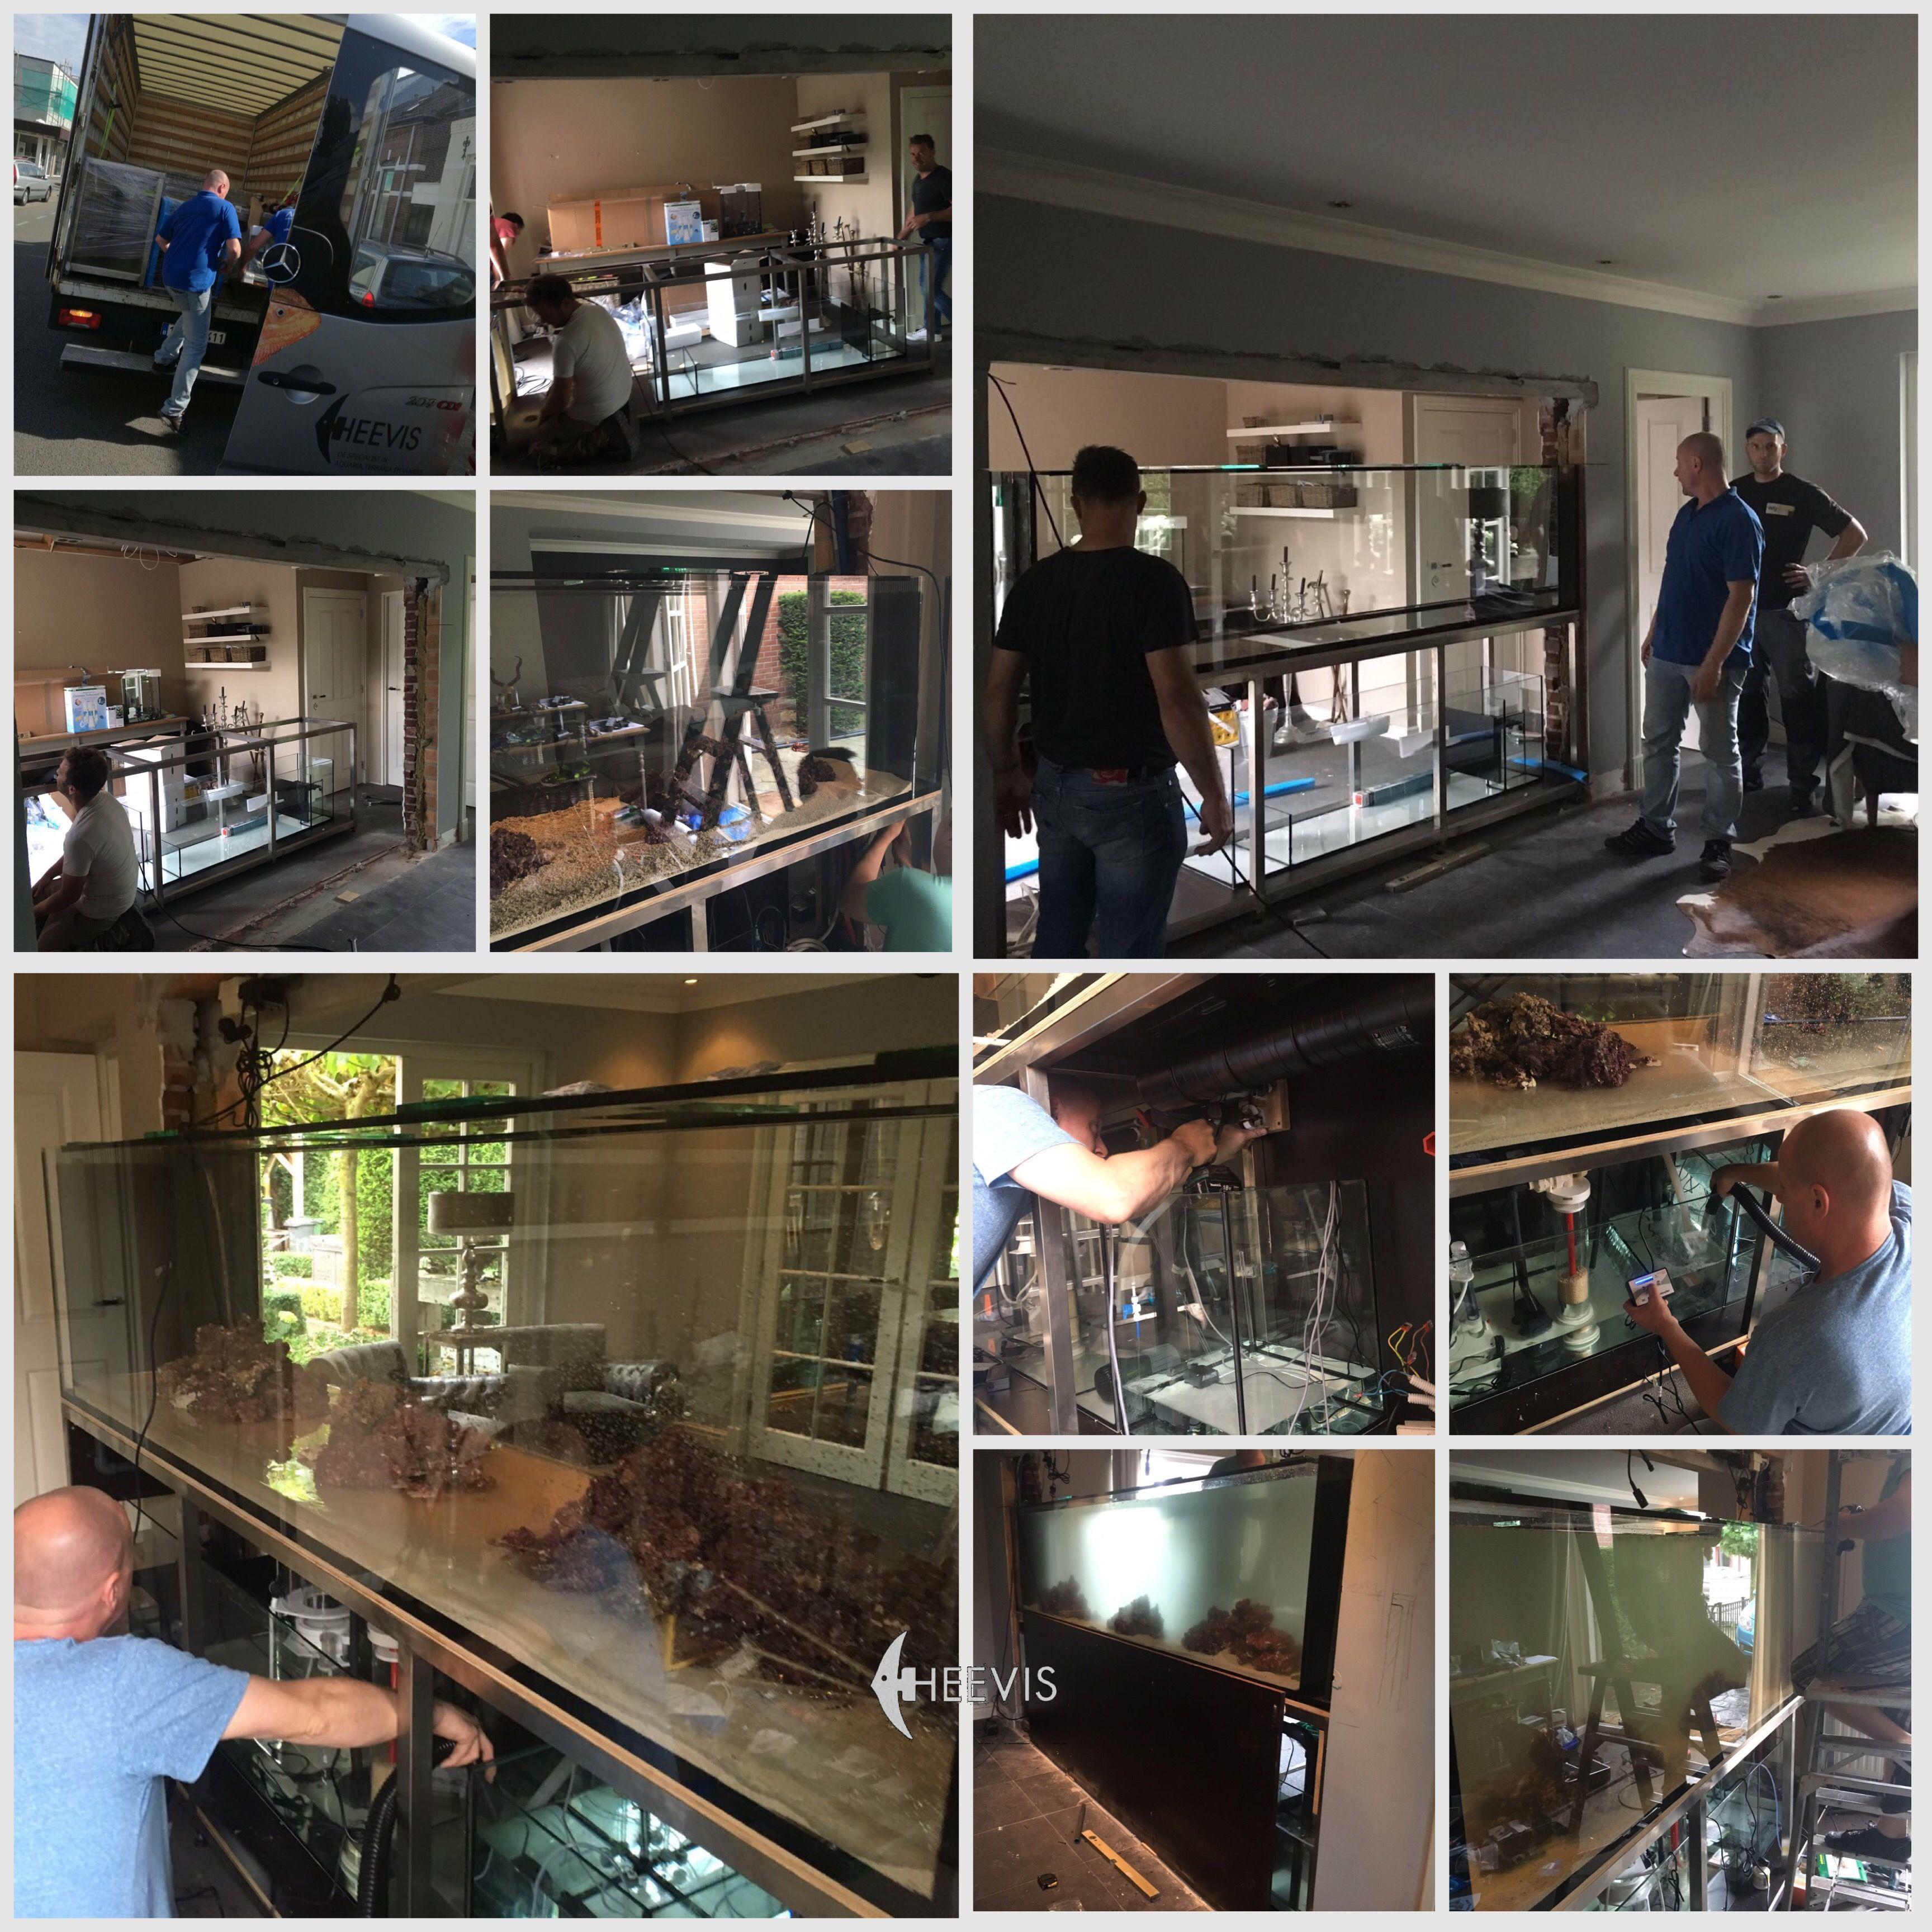 Jos en helpers bezig met een groot inbouw Heevis zeeaquarium van 284 x 60 x 70h cm. Compleet computergestuurd. Alles wordt weggewerkt en de muur wordt opnieuw om het aquarium gebouwd. Direct alleen het doorkijk aquarium nog zichtbaar.